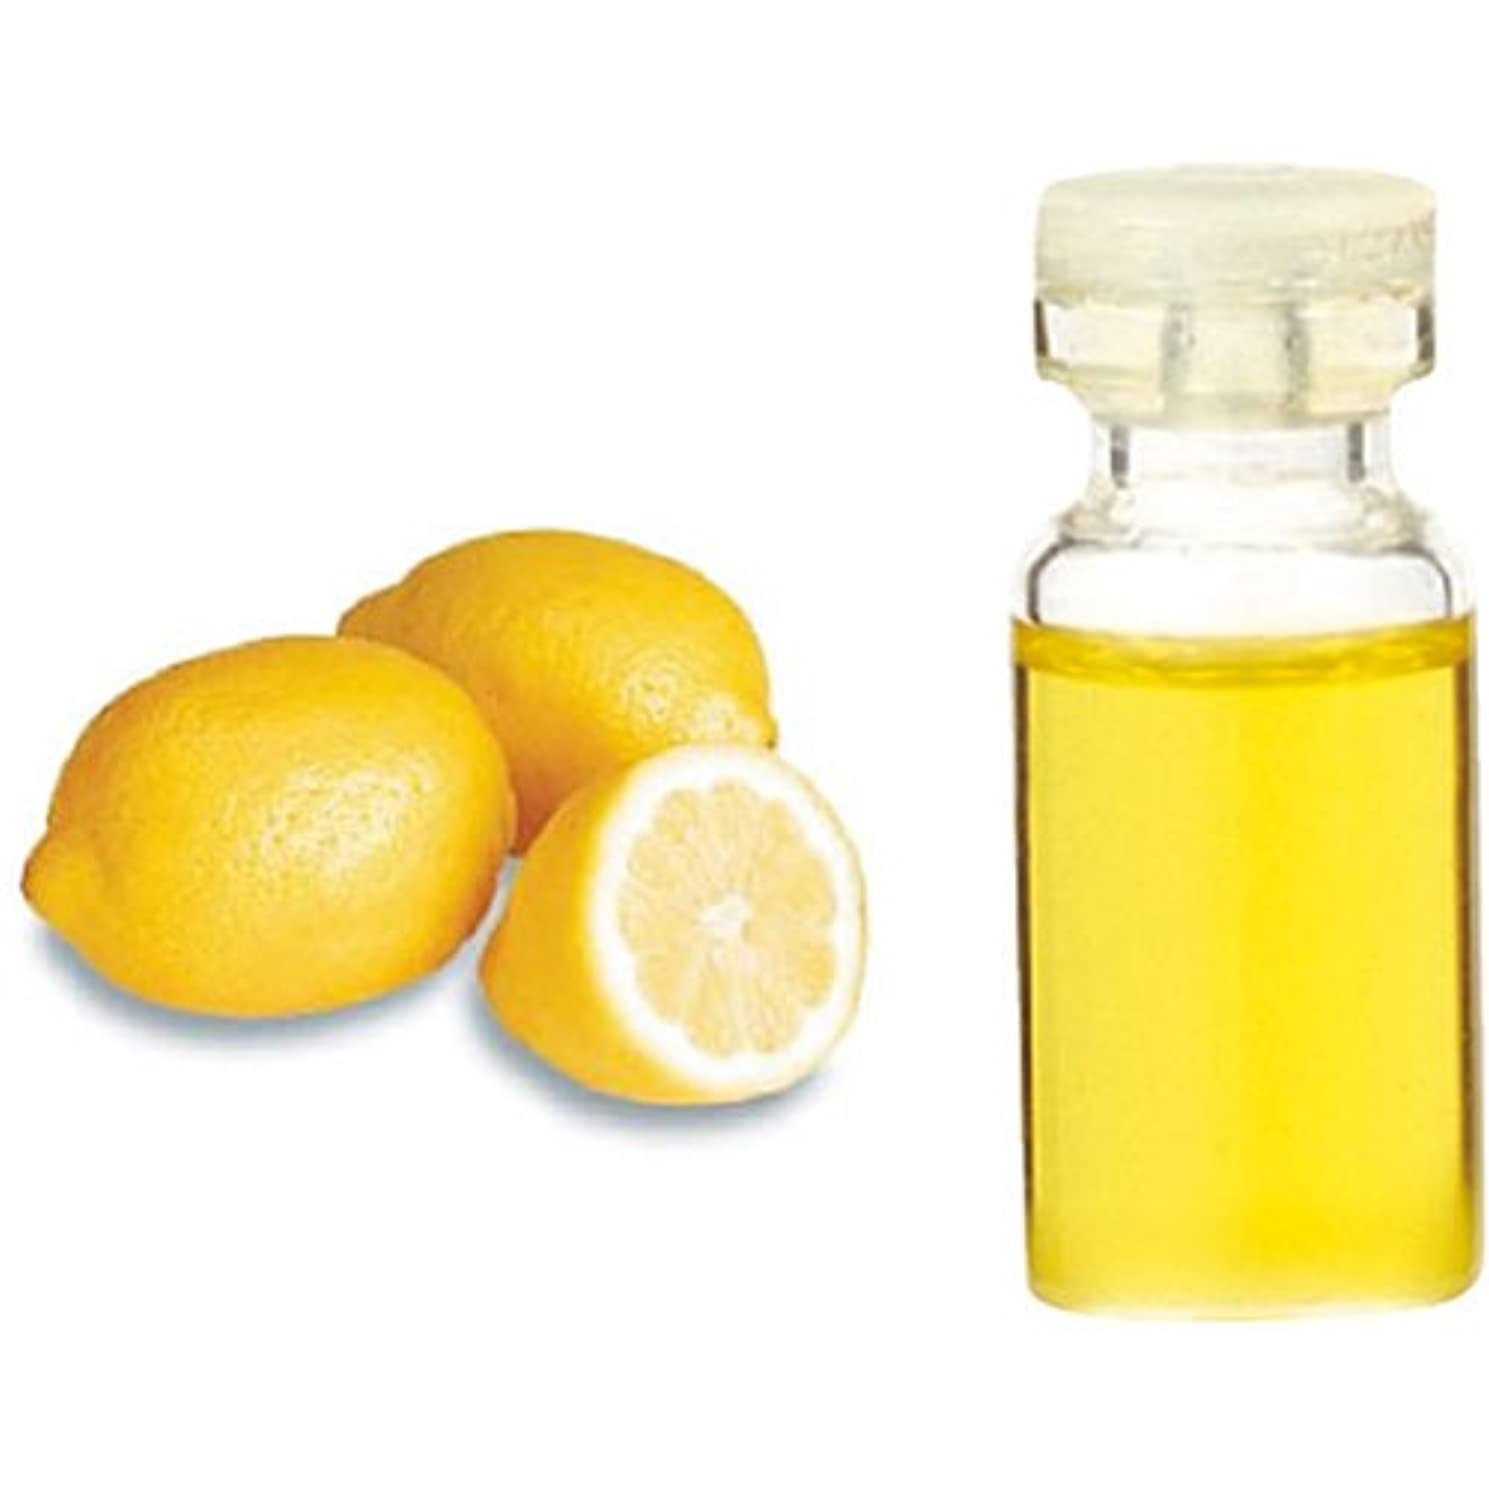 デッド存在養う生活の木 C レモン エッセンシャルオイル 10ml